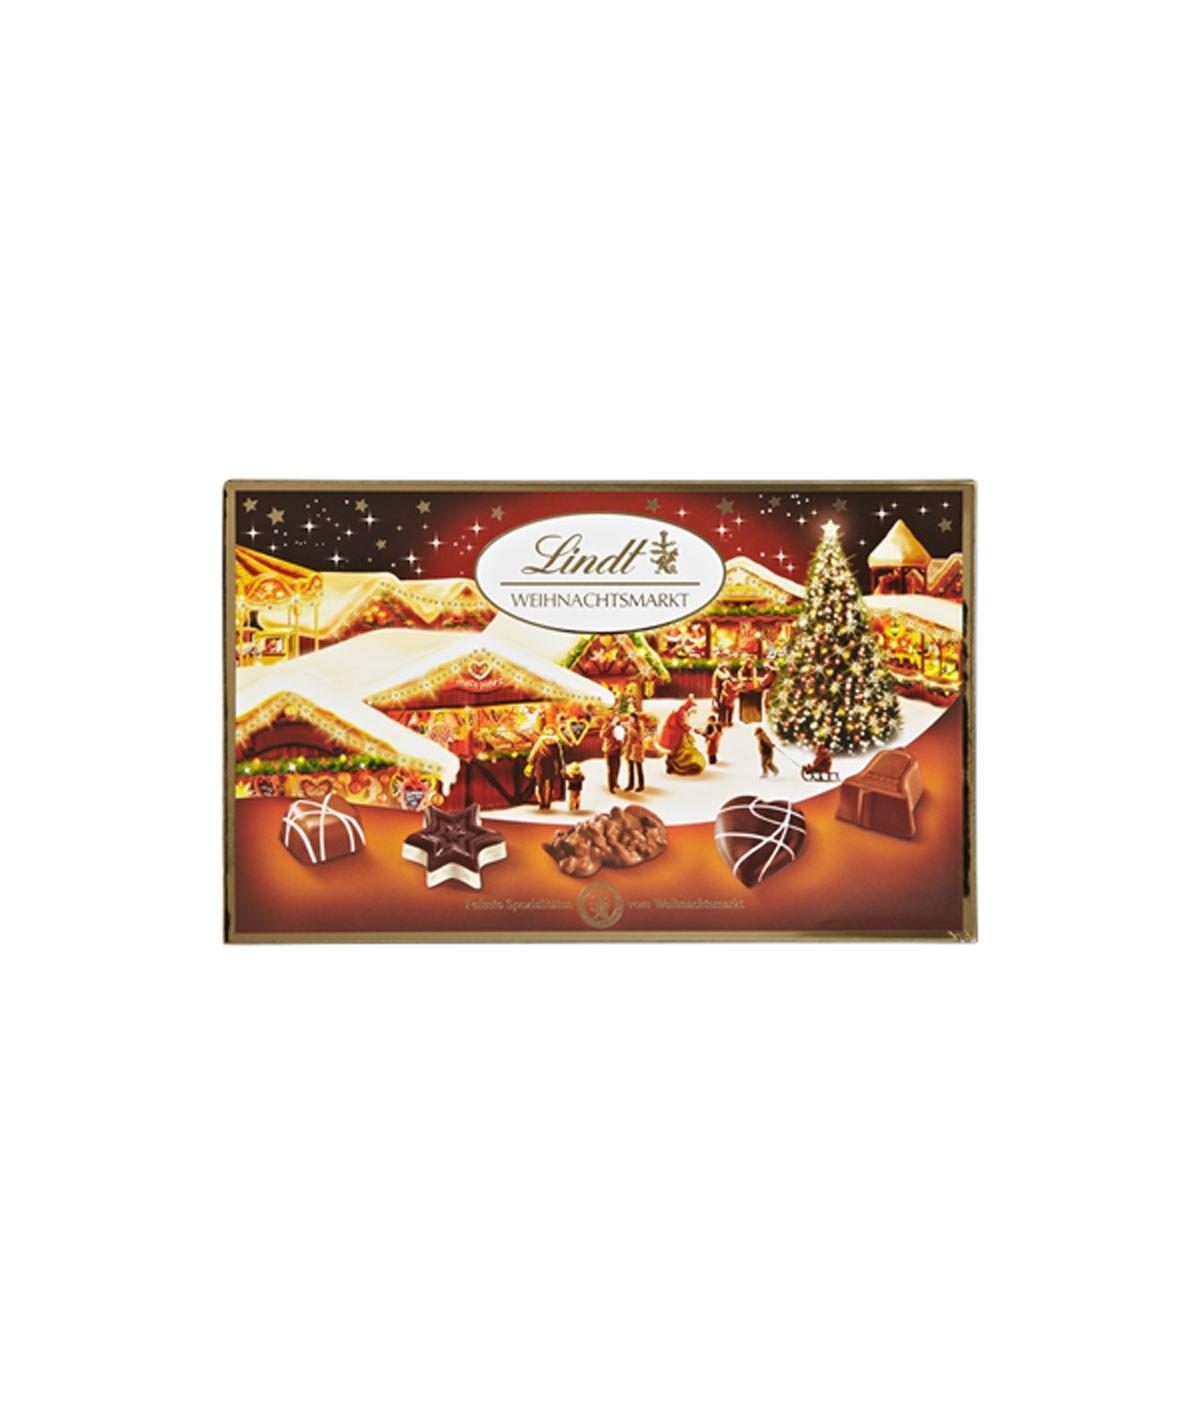 Weihnachtsmarkt Feinste Spezialitäten Pralinés Lindt 200 g